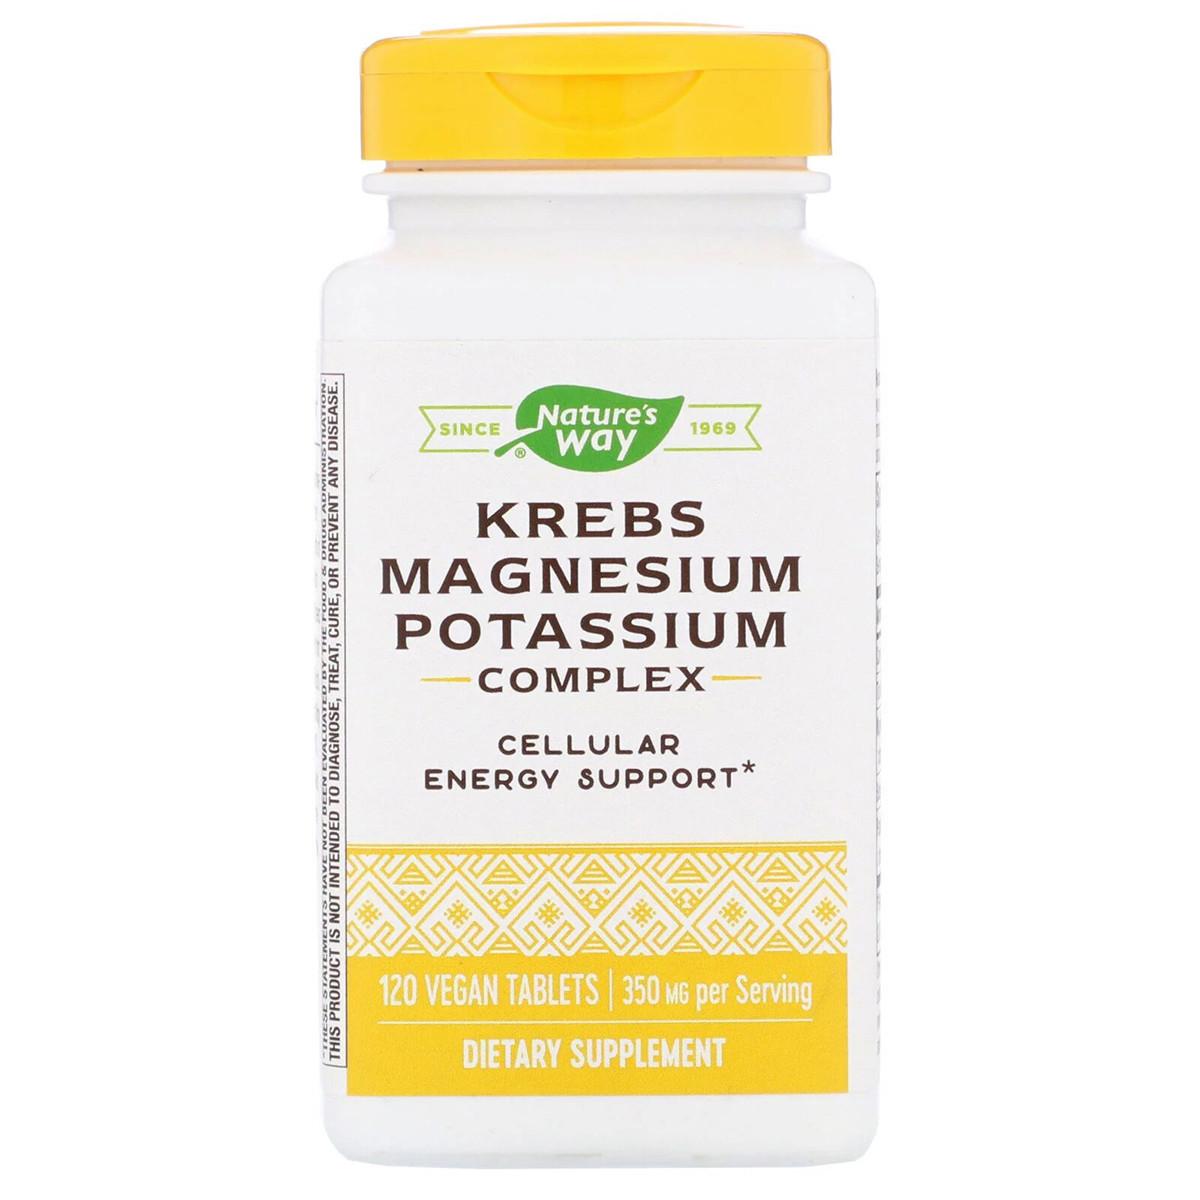 Цикл Кребса, Магний и Калий Хелат, Krebs Magnesium Potassium, Nature's Way, 120 таблеток